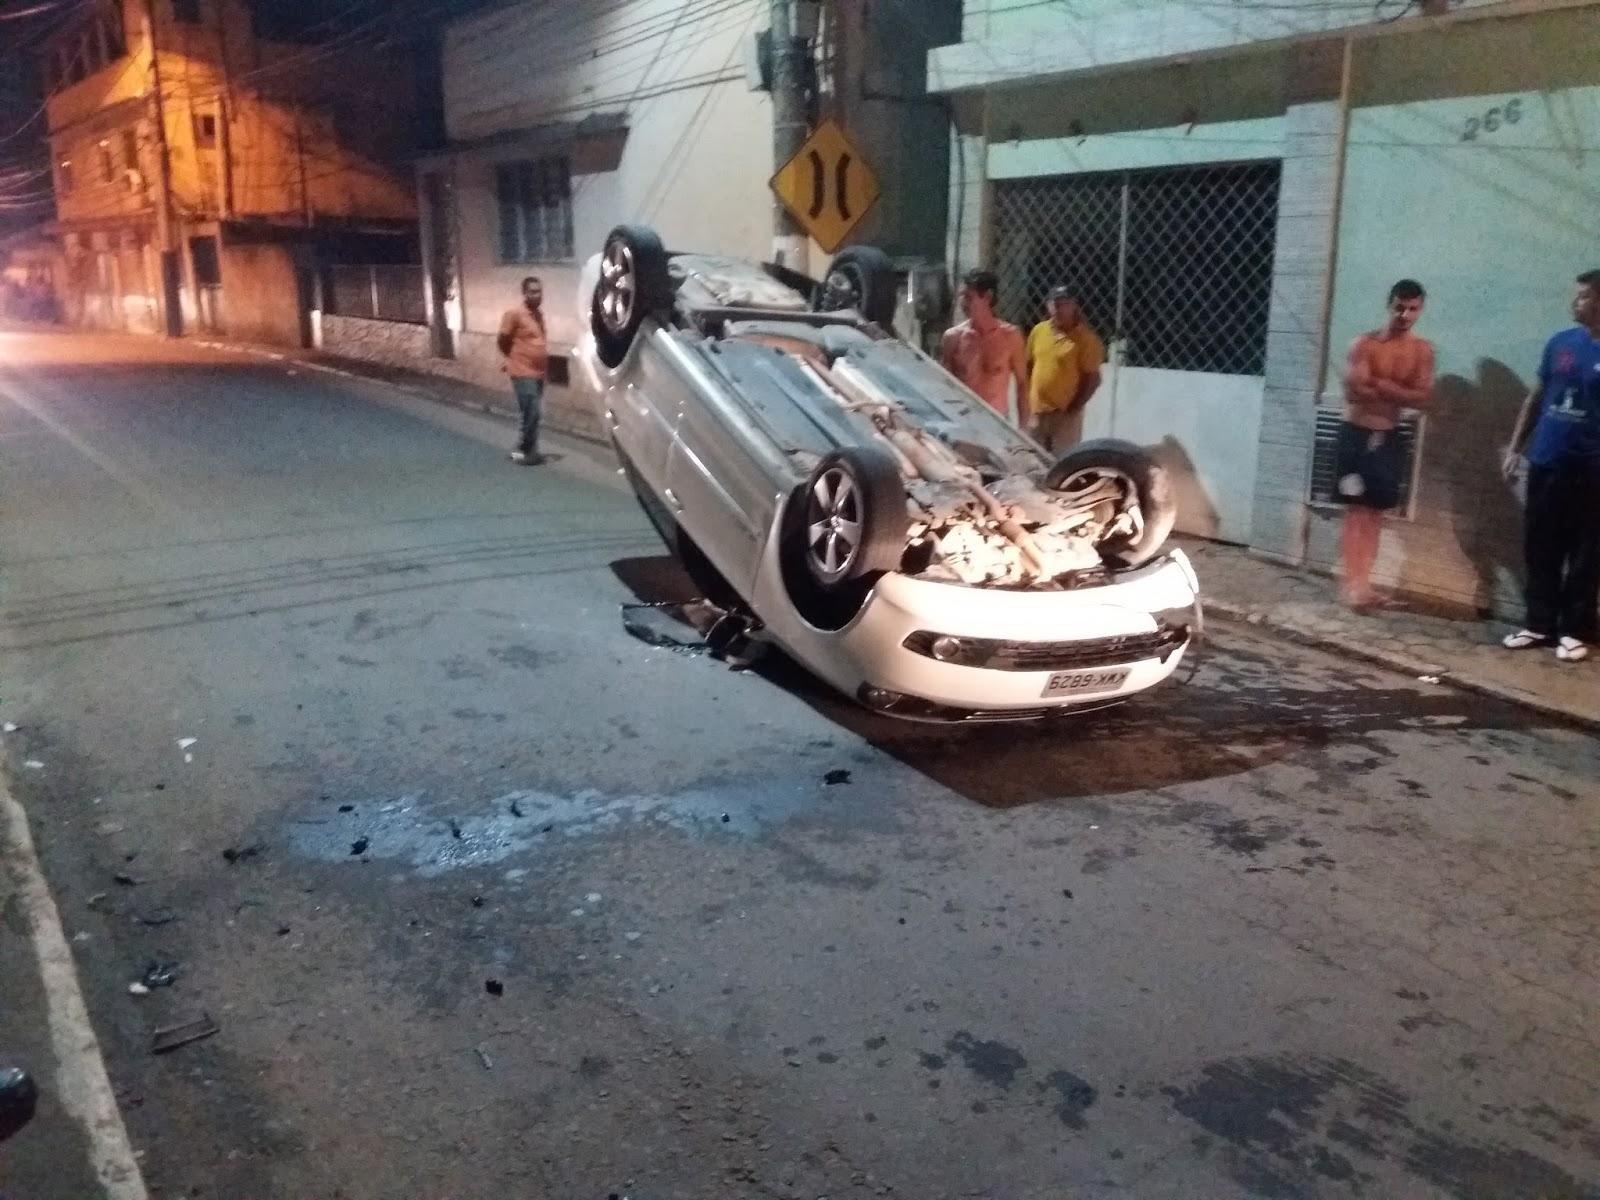 c1ee528e306 Segundo informações o condutor perdeu controle do carro